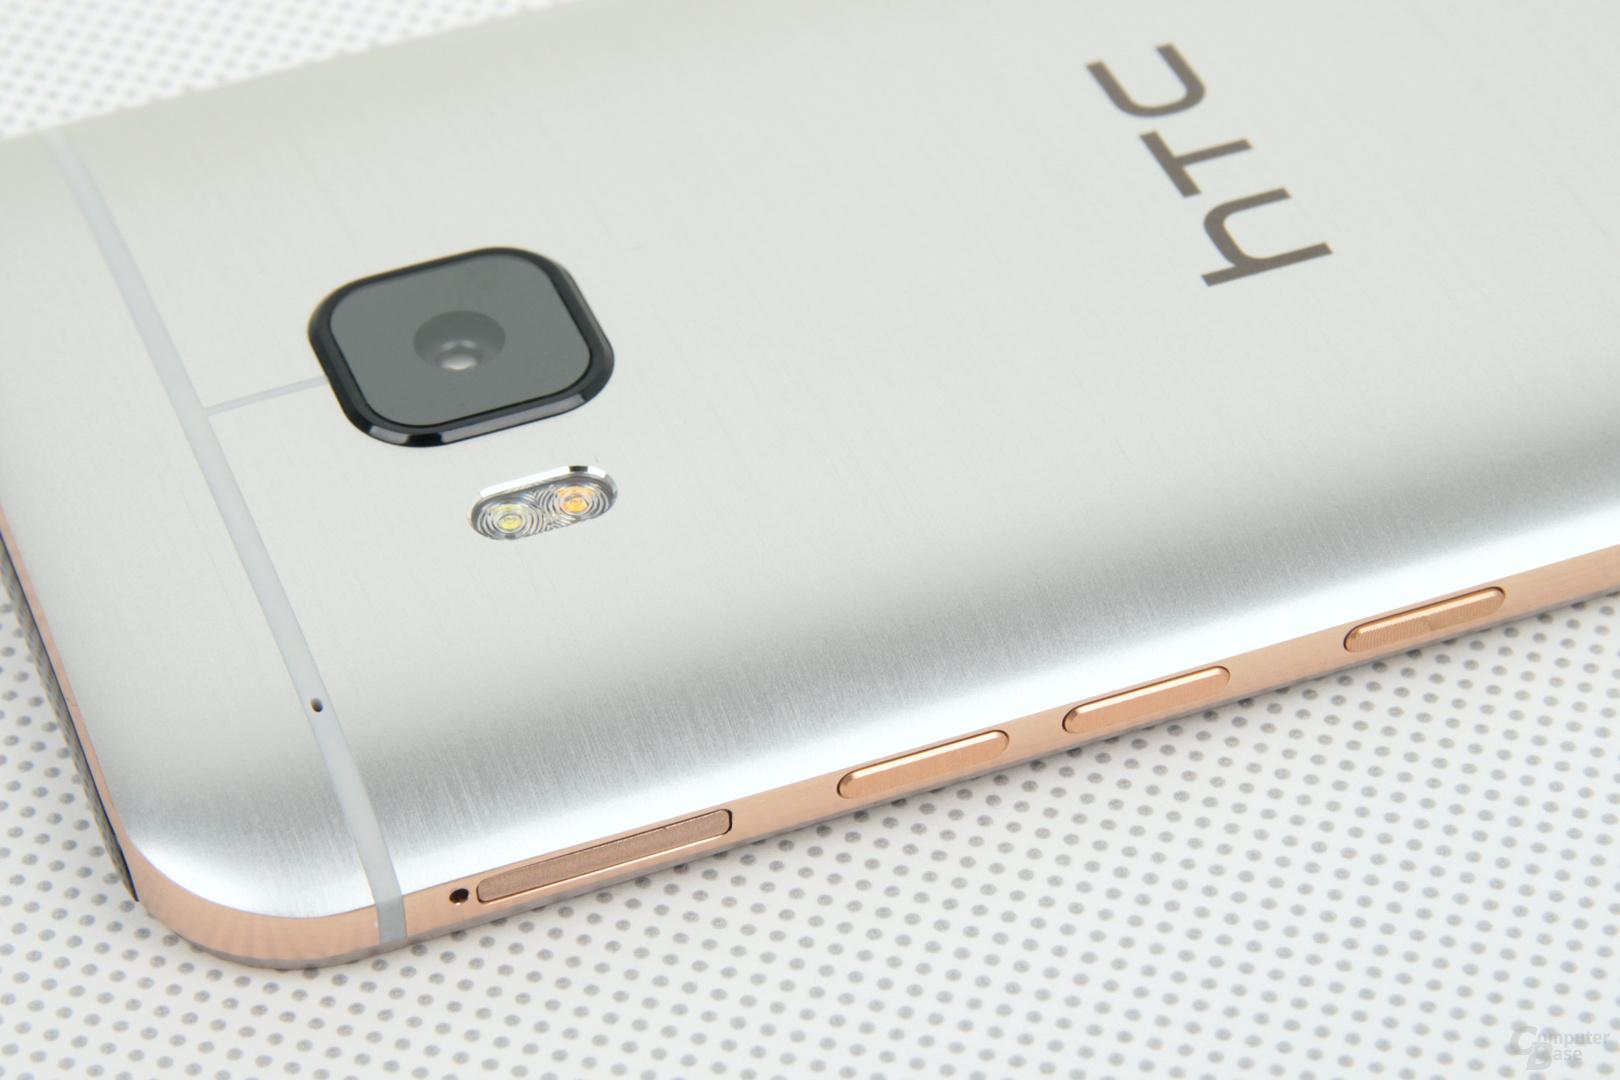 Neues Tastenlayout: microSD, Lautstärke hoch/runter, An/Aus